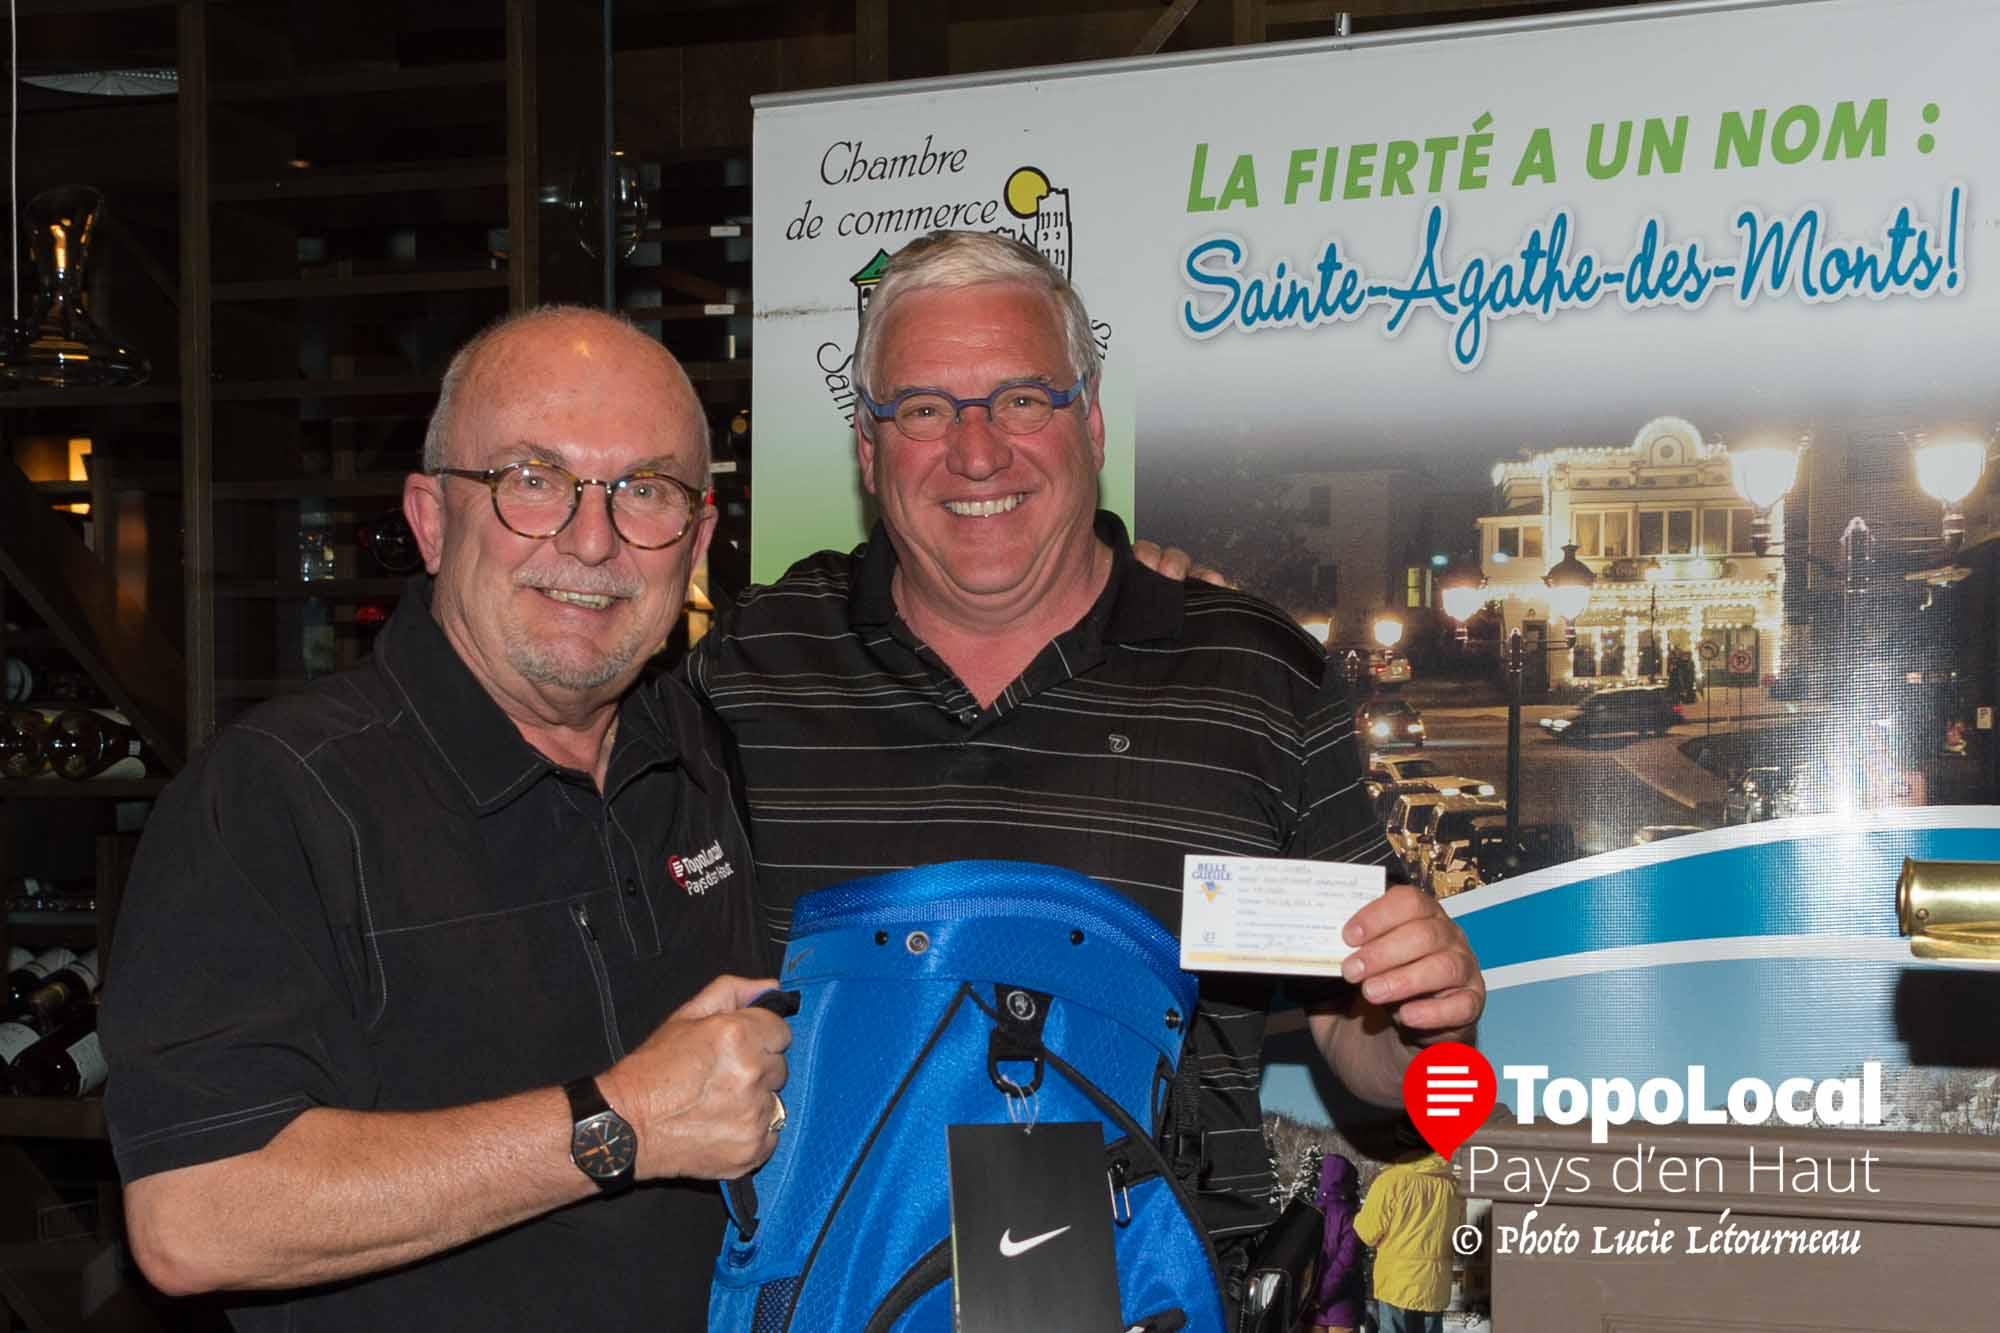 J'ai eu la chance de gagner un sac de golf offert par Jacques Dufresne propriétaire du Metro de Val-David. Ma compétence pour gagner ce prix fut de remplir un billet de participation et d'être chanceux...